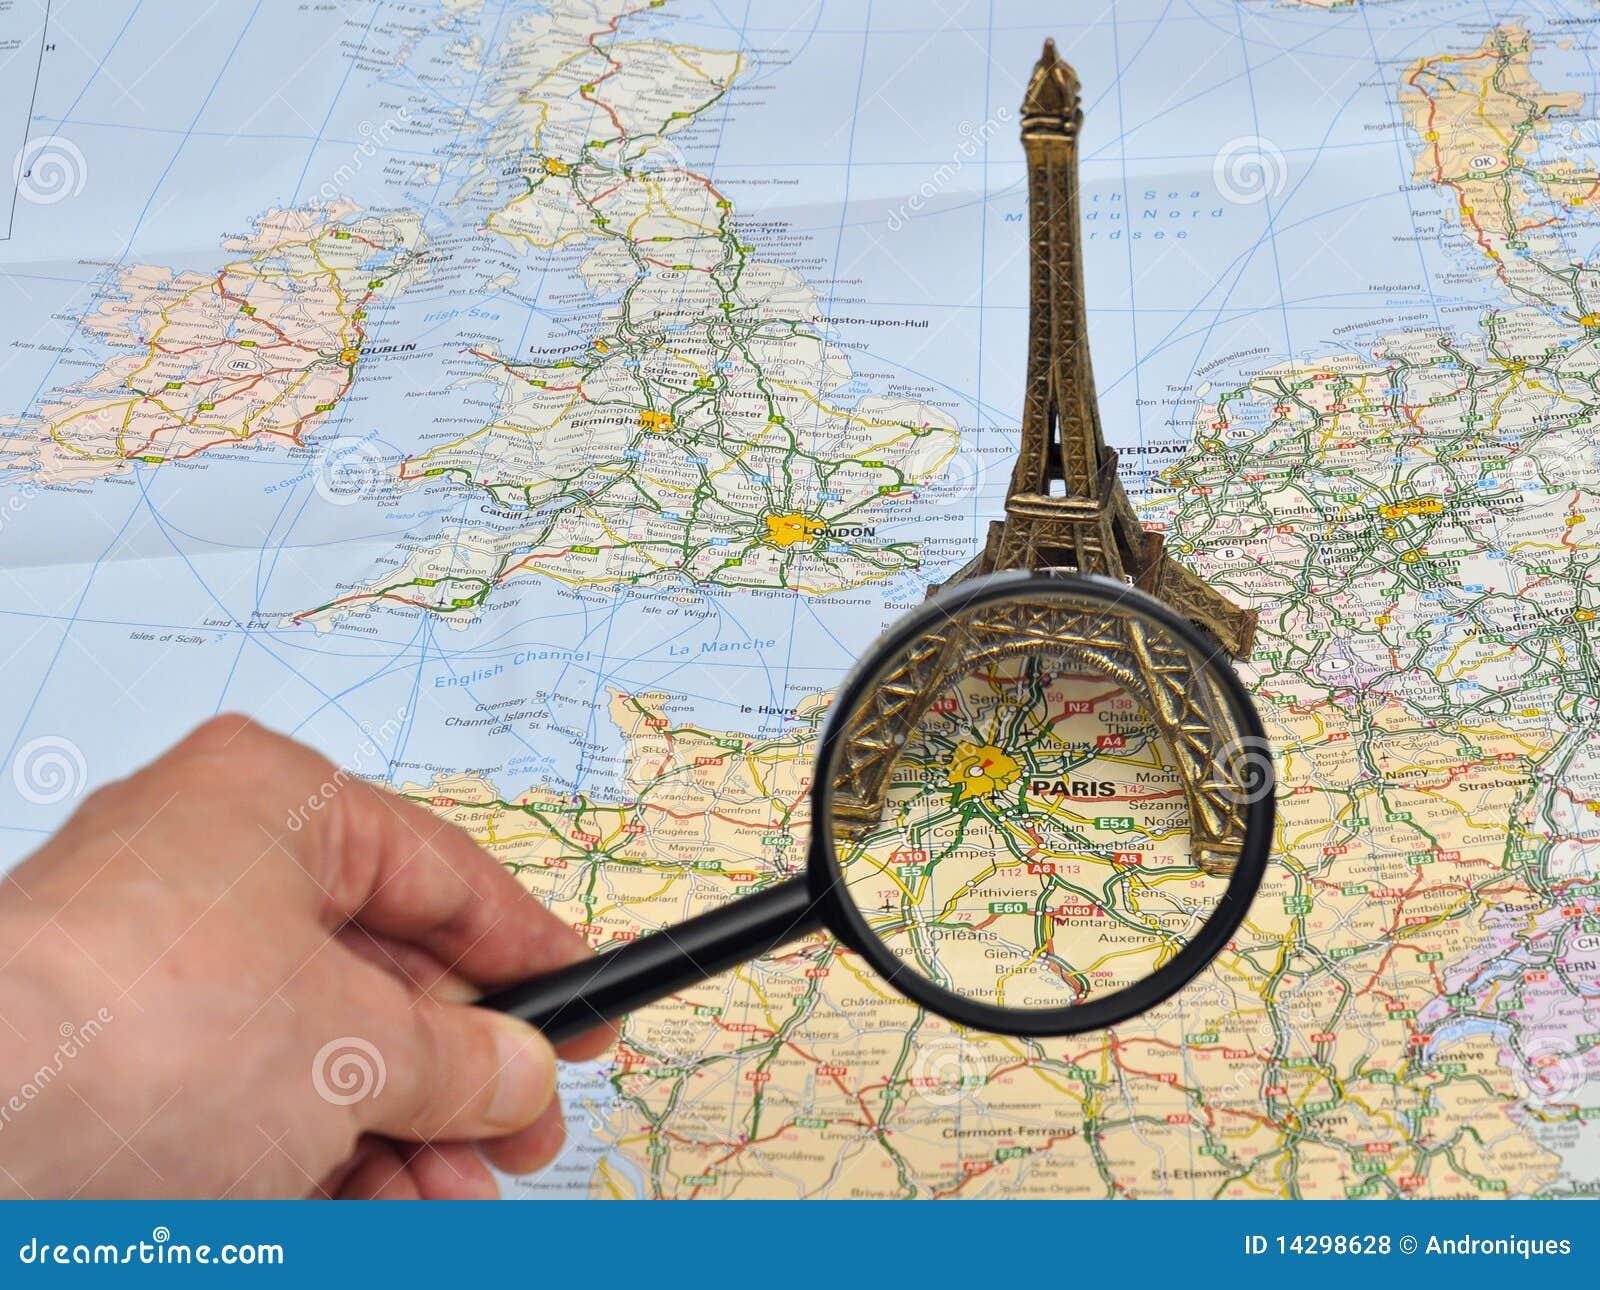 埃菲尔・法国映射微型巴黎纪念品塔